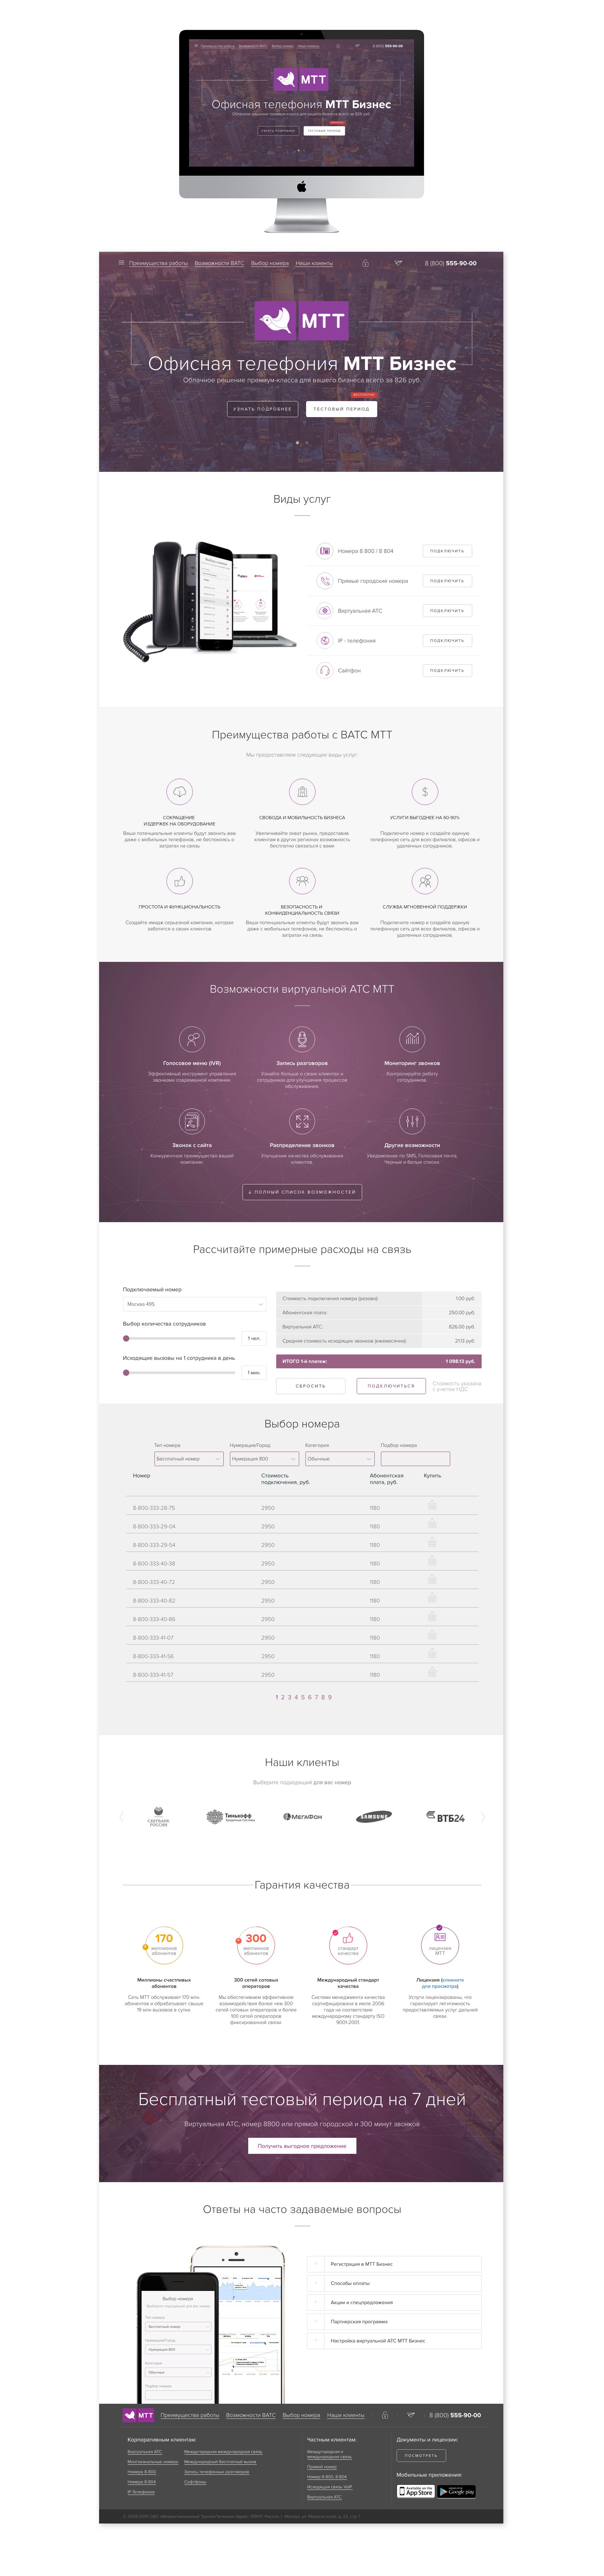 Сайт офисной телефонии МТТ Бизнес